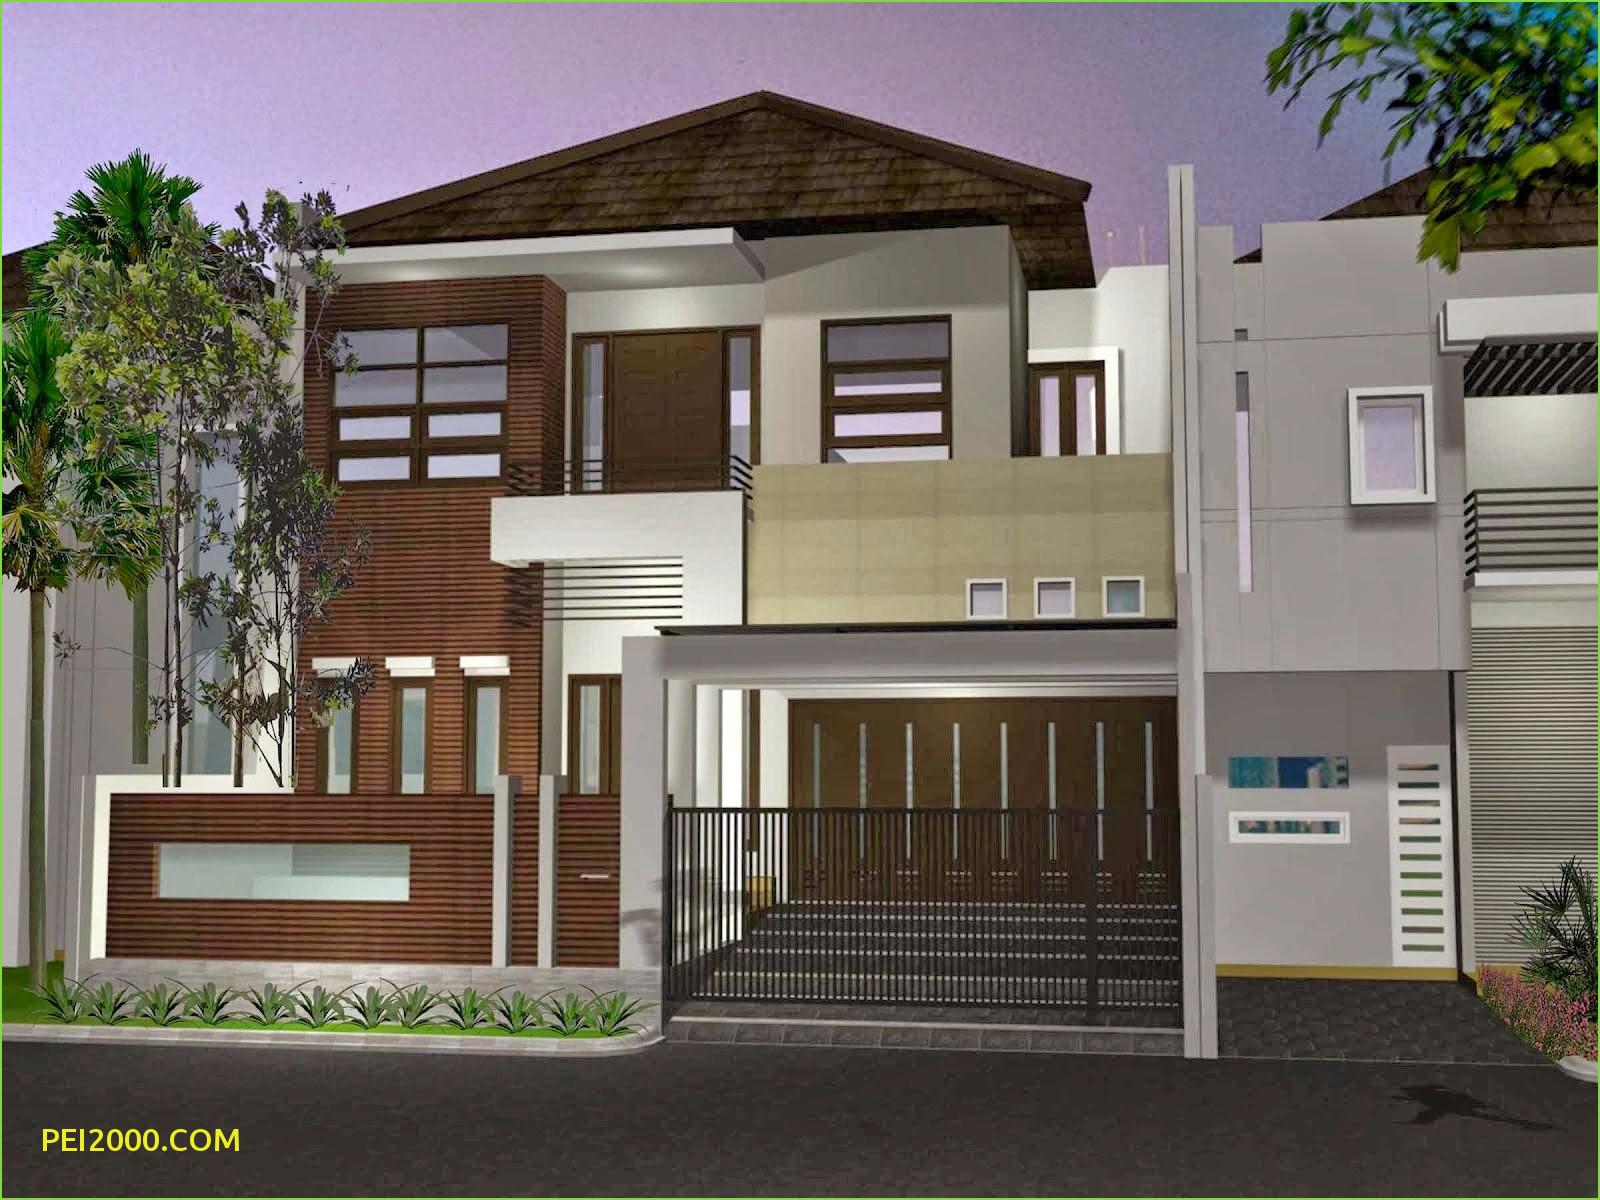 Terbaru Desain Pintu Rumah Minimalis Modern Minimalist Desain Pagar Rumah Modern 1600x1200 Wallpaper Teahub Io